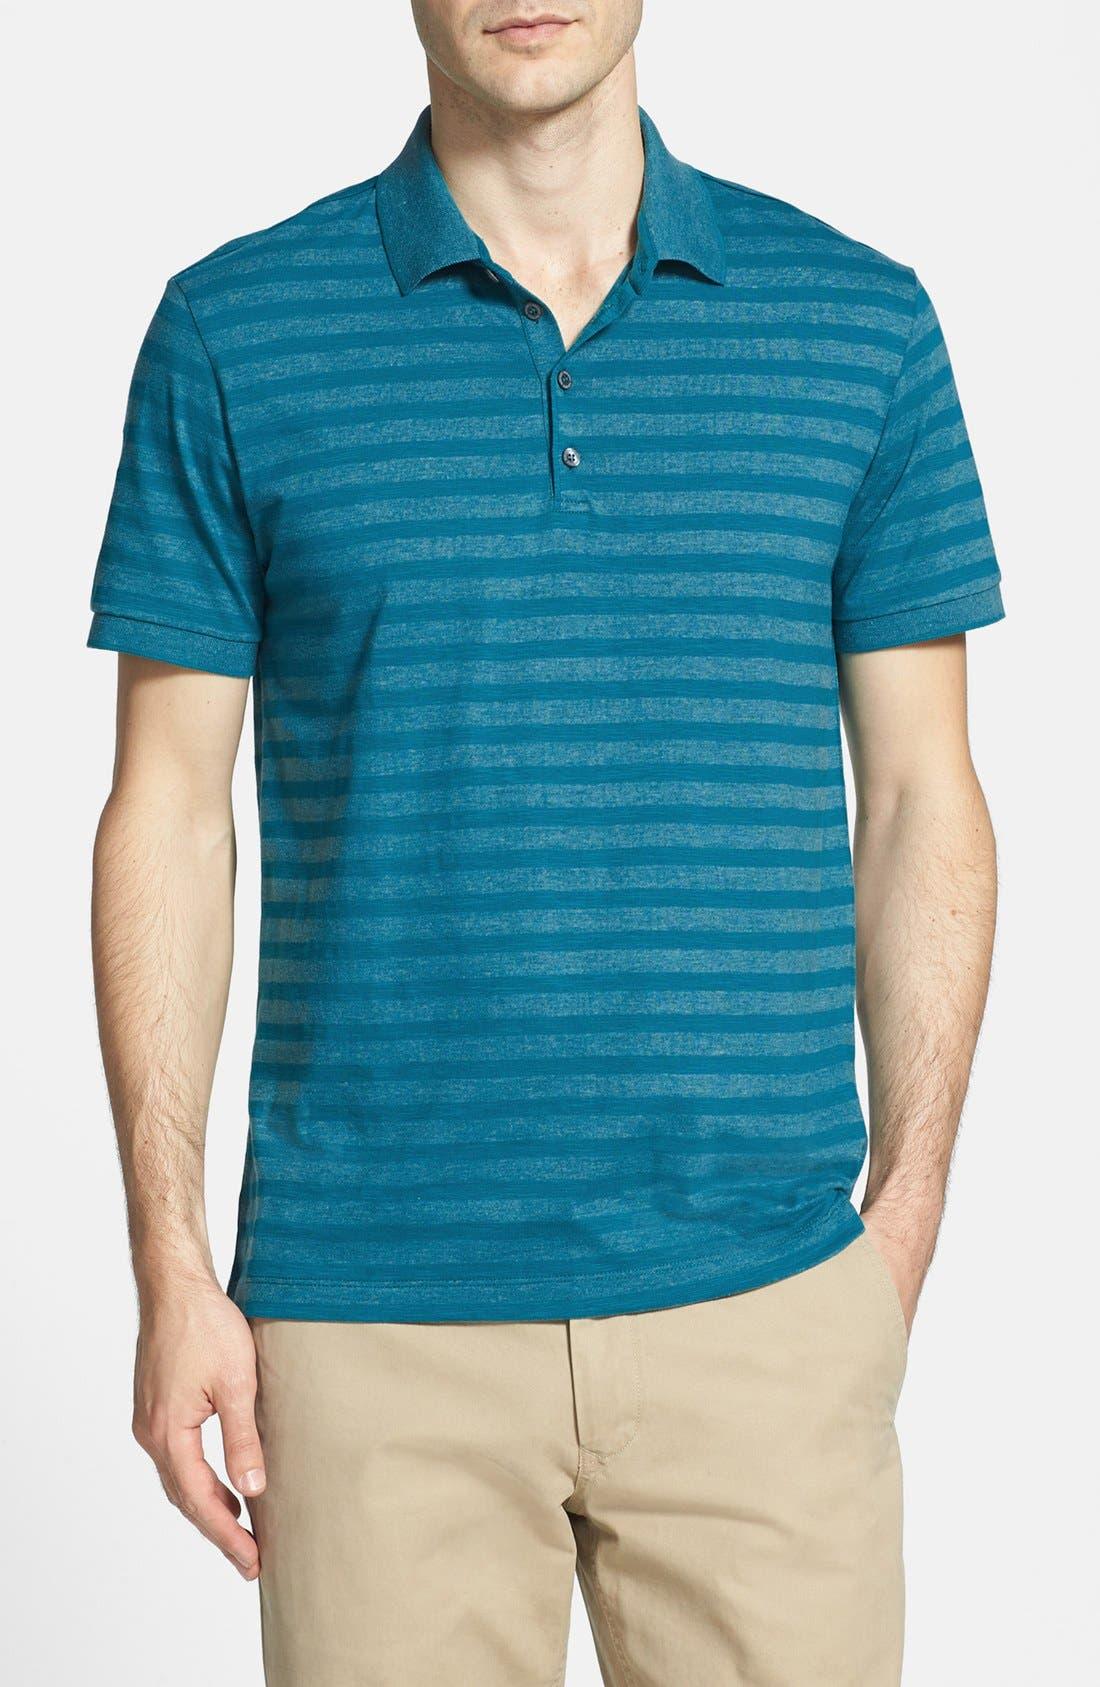 Alternate Image 1 Selected - BOSS HUGO BOSS 'Prato 25' Cotton Blend Polo Shirt